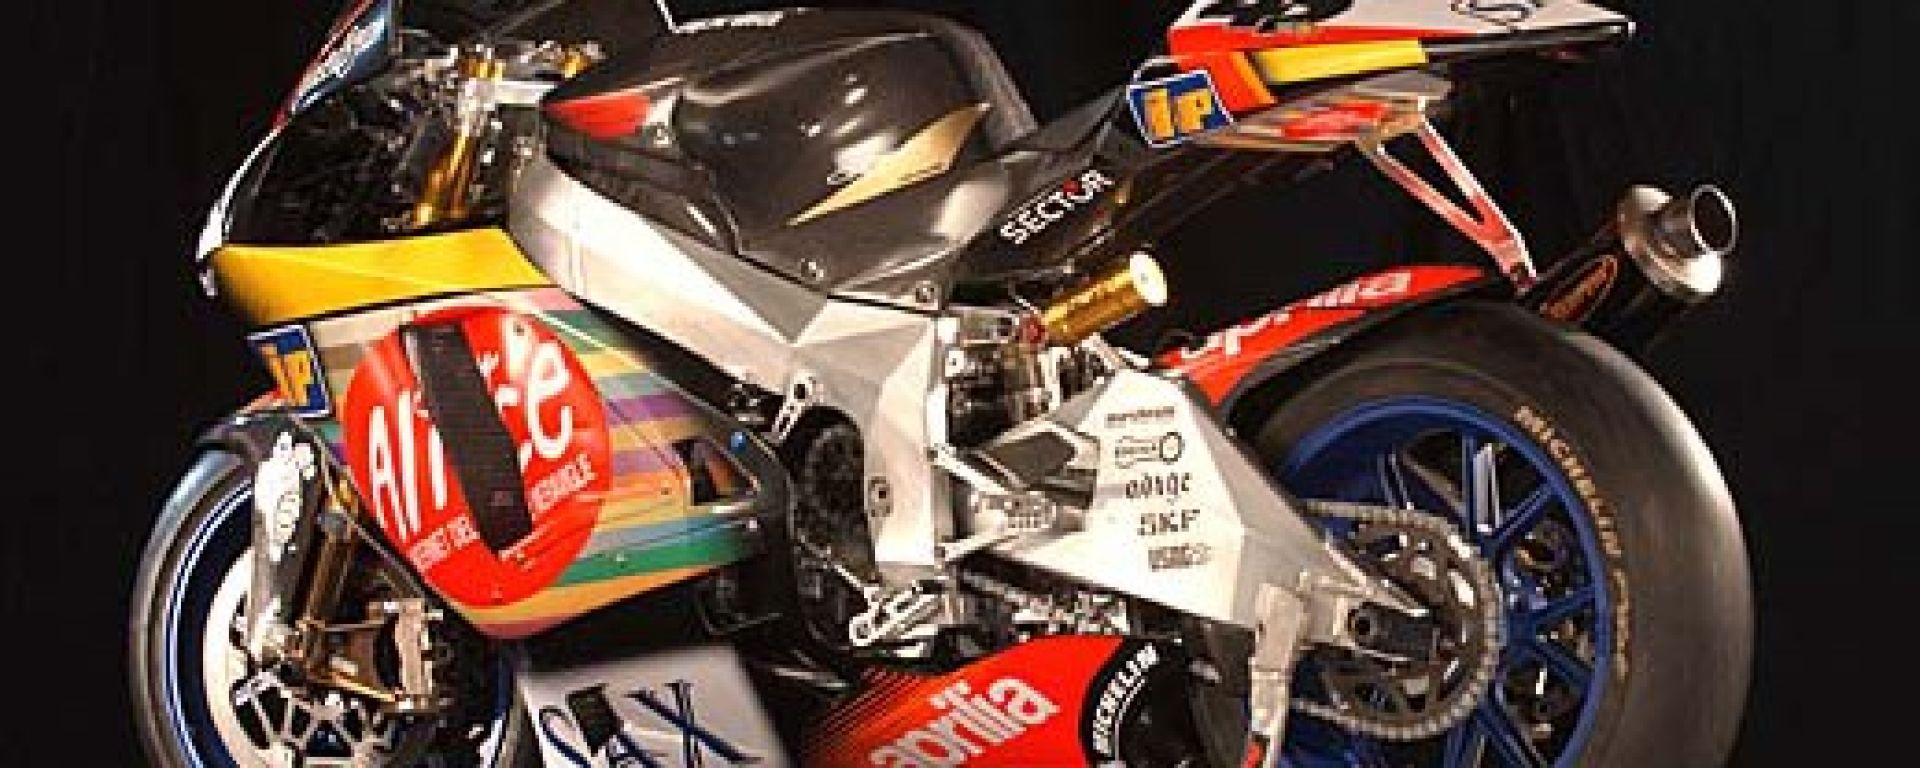 MotoGP 2003: al debutto l'Aprilia RS Cube